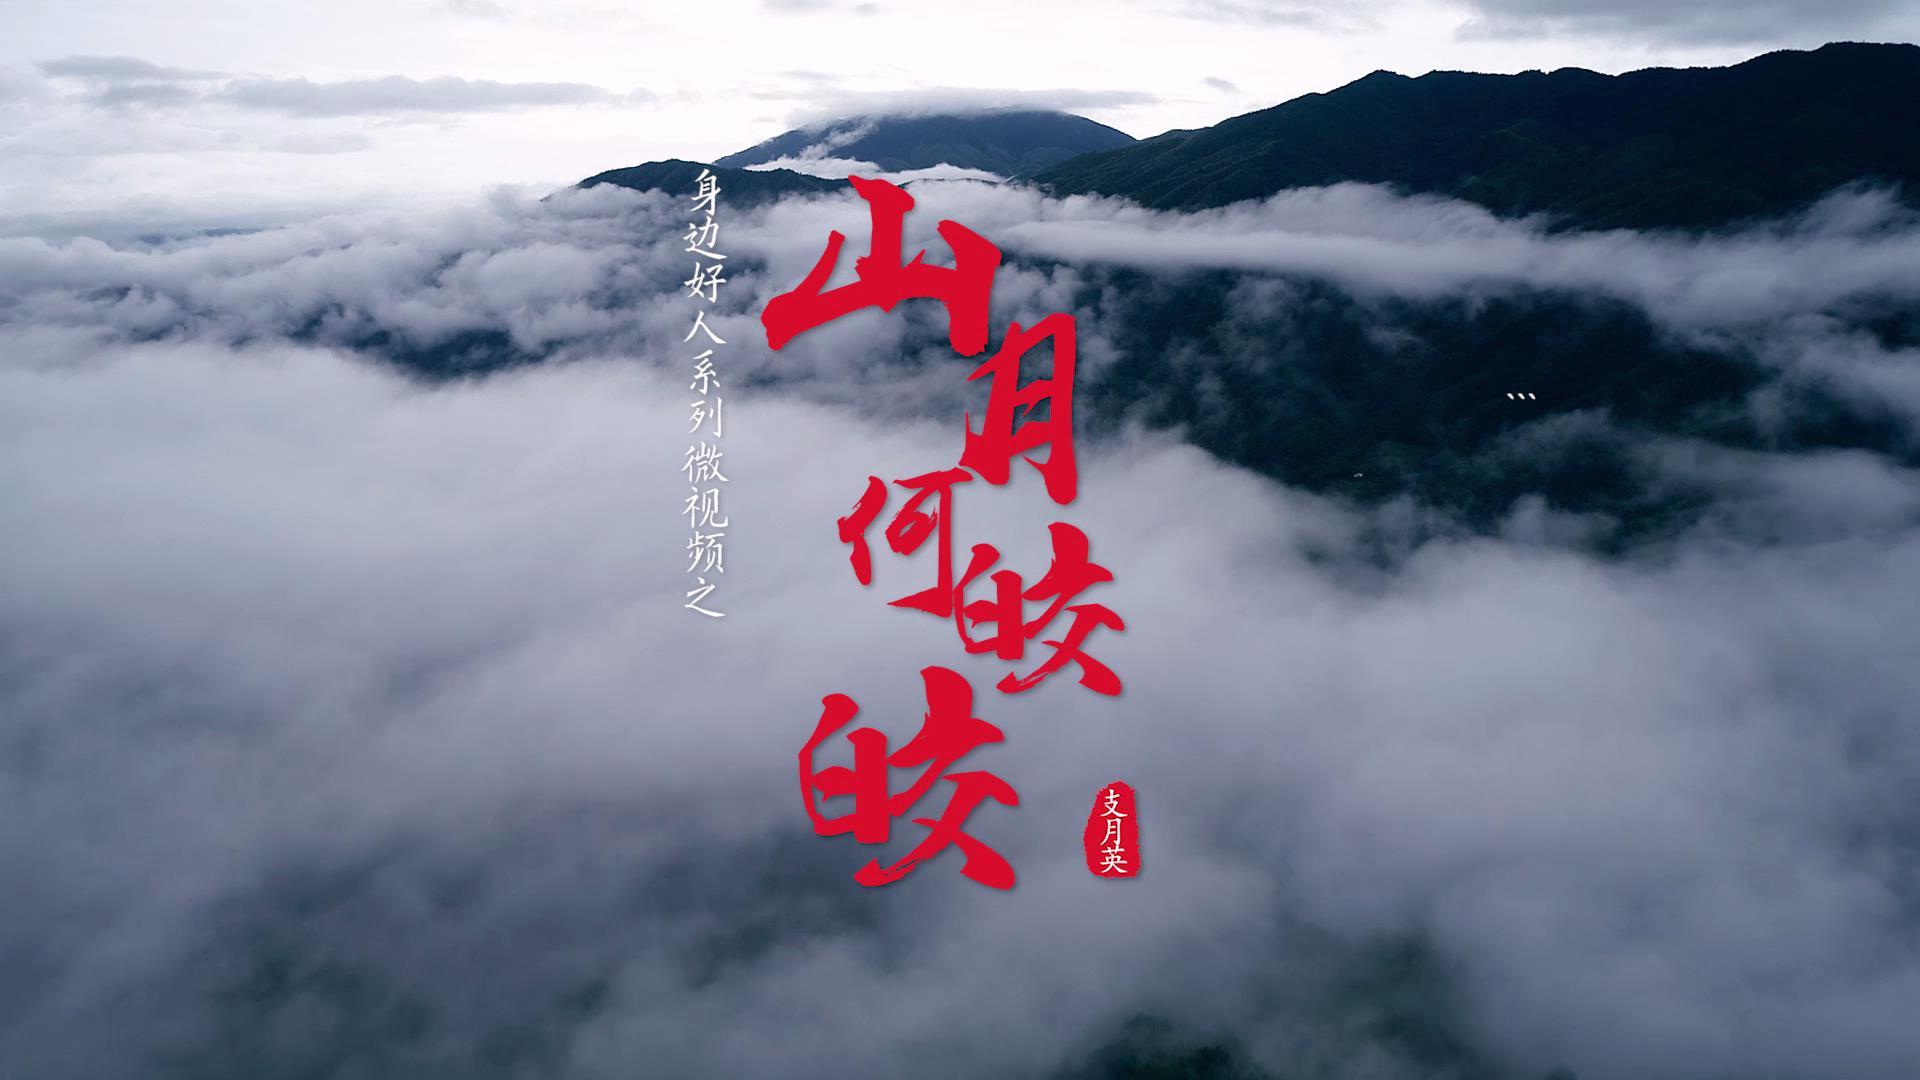 山月何皎皎[00_00_09][20190718-085209].jpg